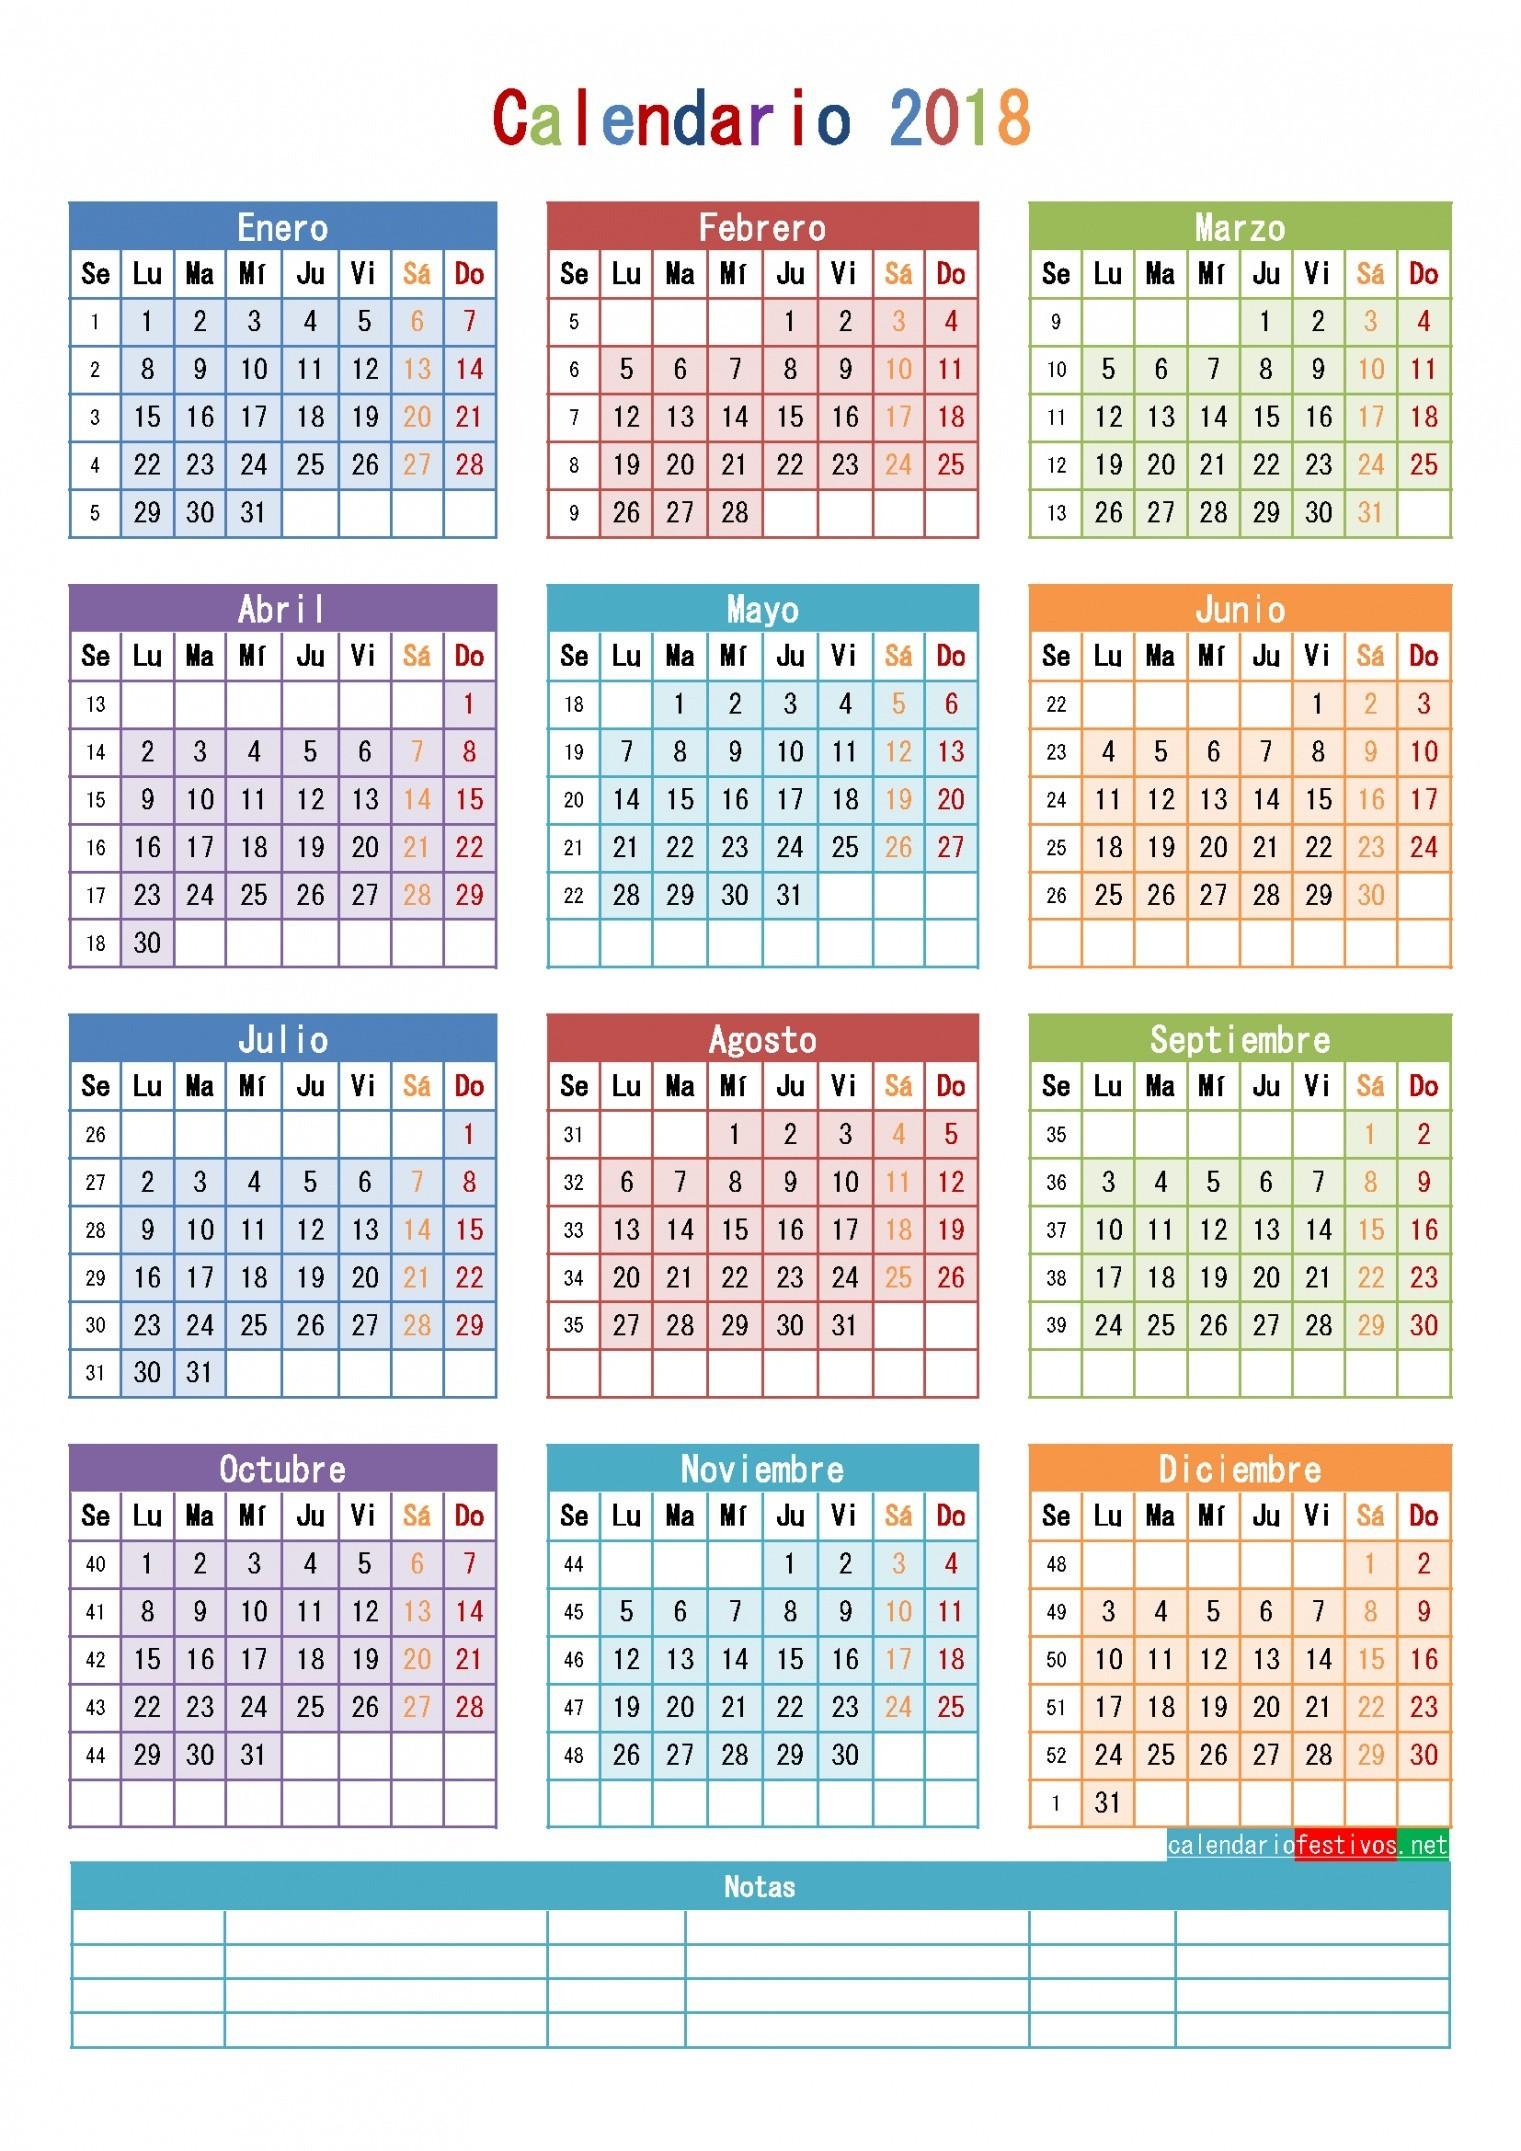 Calendario 2020 Bolivia Con Feriados Más Populares Noticias Calendario 2019 andalucia Of Calendario 2020 Bolivia Con Feriados Más Recientes Negocios Y Clasificados2013 05 05 by El Informador Diario